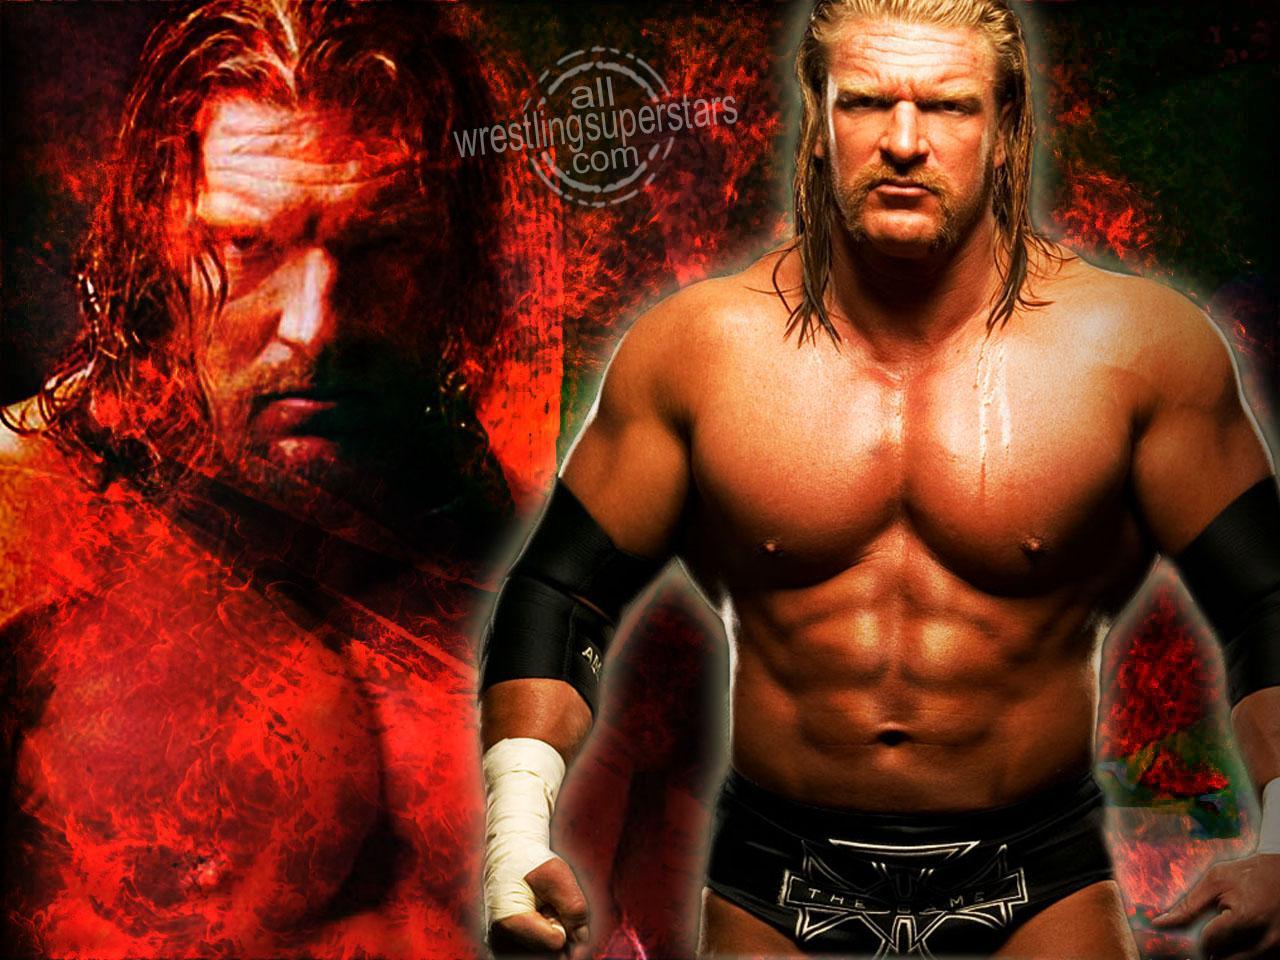 http://4.bp.blogspot.com/-YrE8yAvaHJ4/UN846DJdH-I/AAAAAAAABDc/-cQQzzlMATk/s1600/WWE-WALLPAPERS-TRIPLE-H-5.JPG